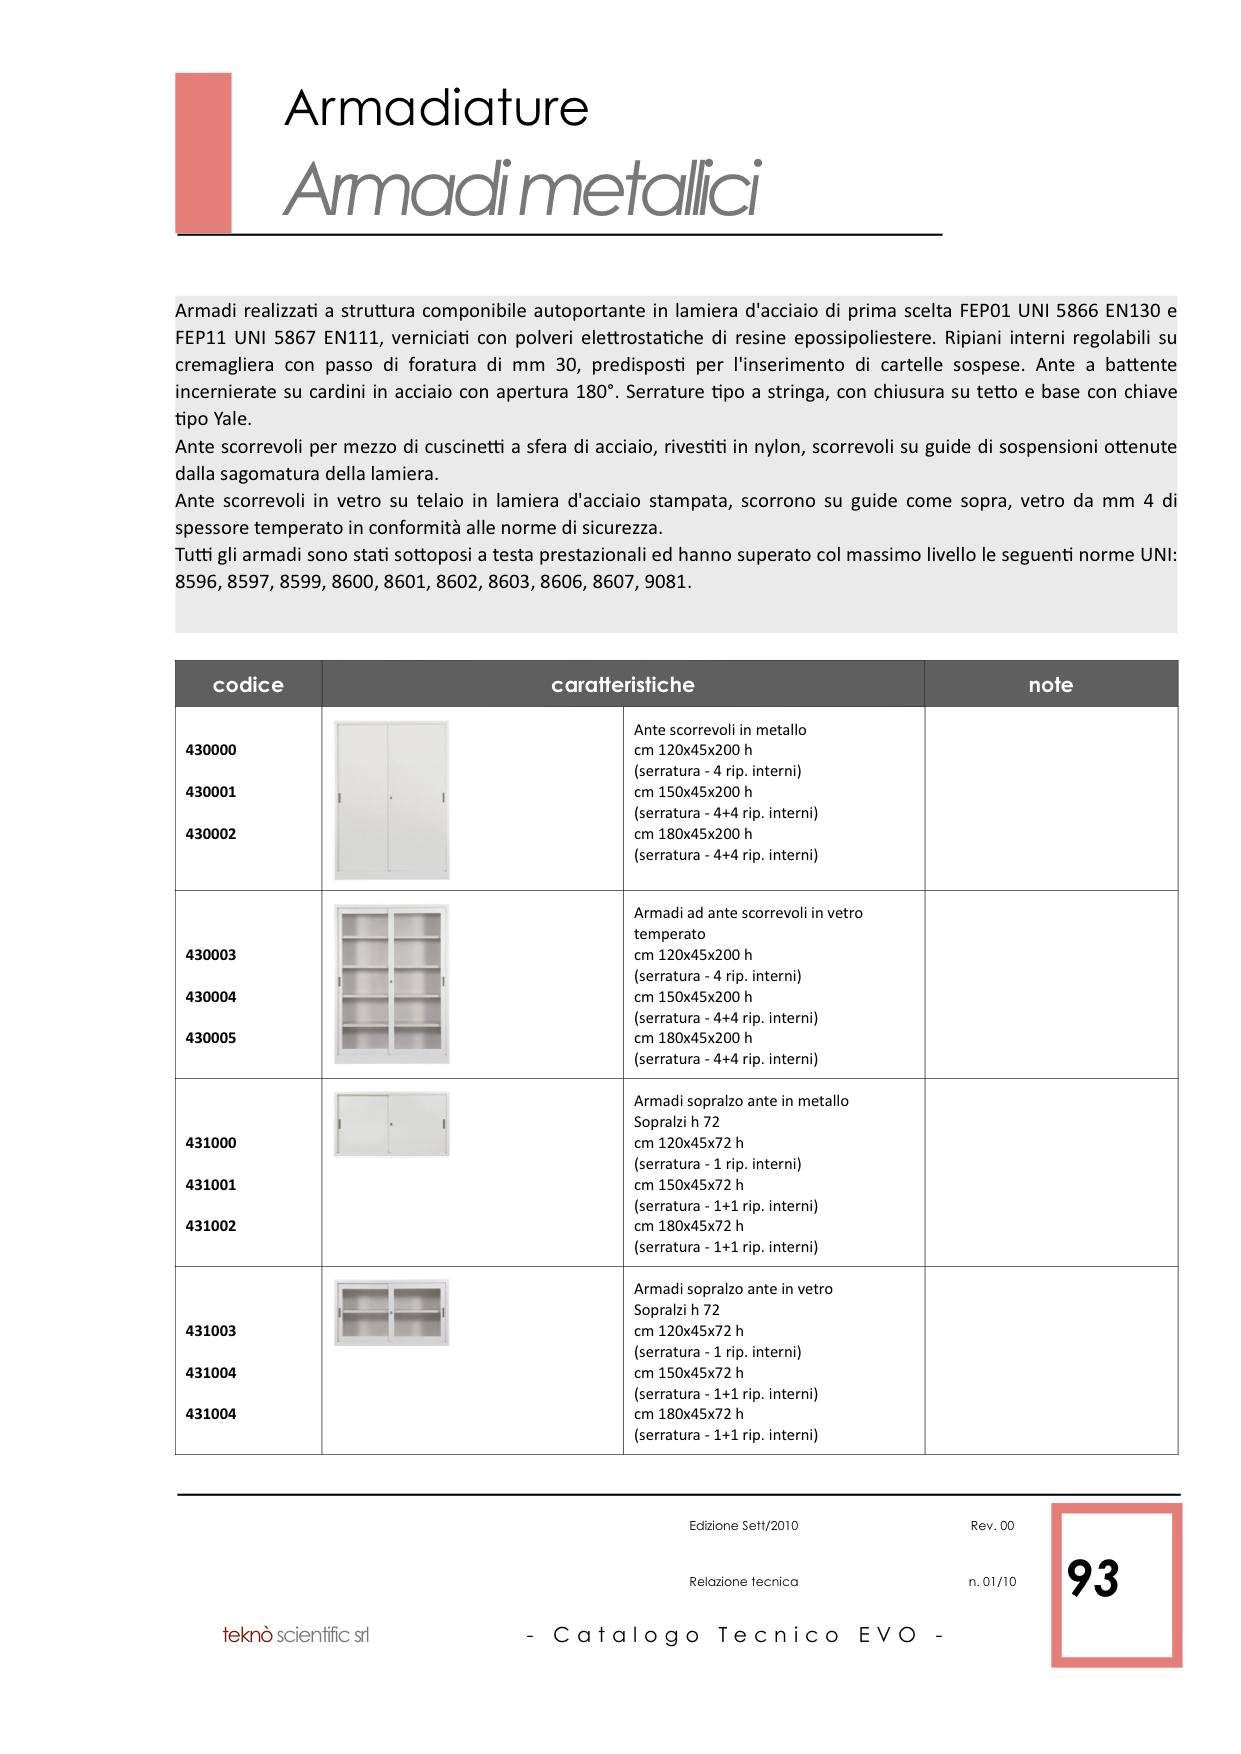 EVO Catalogo Tecnico Generale copia 93.png